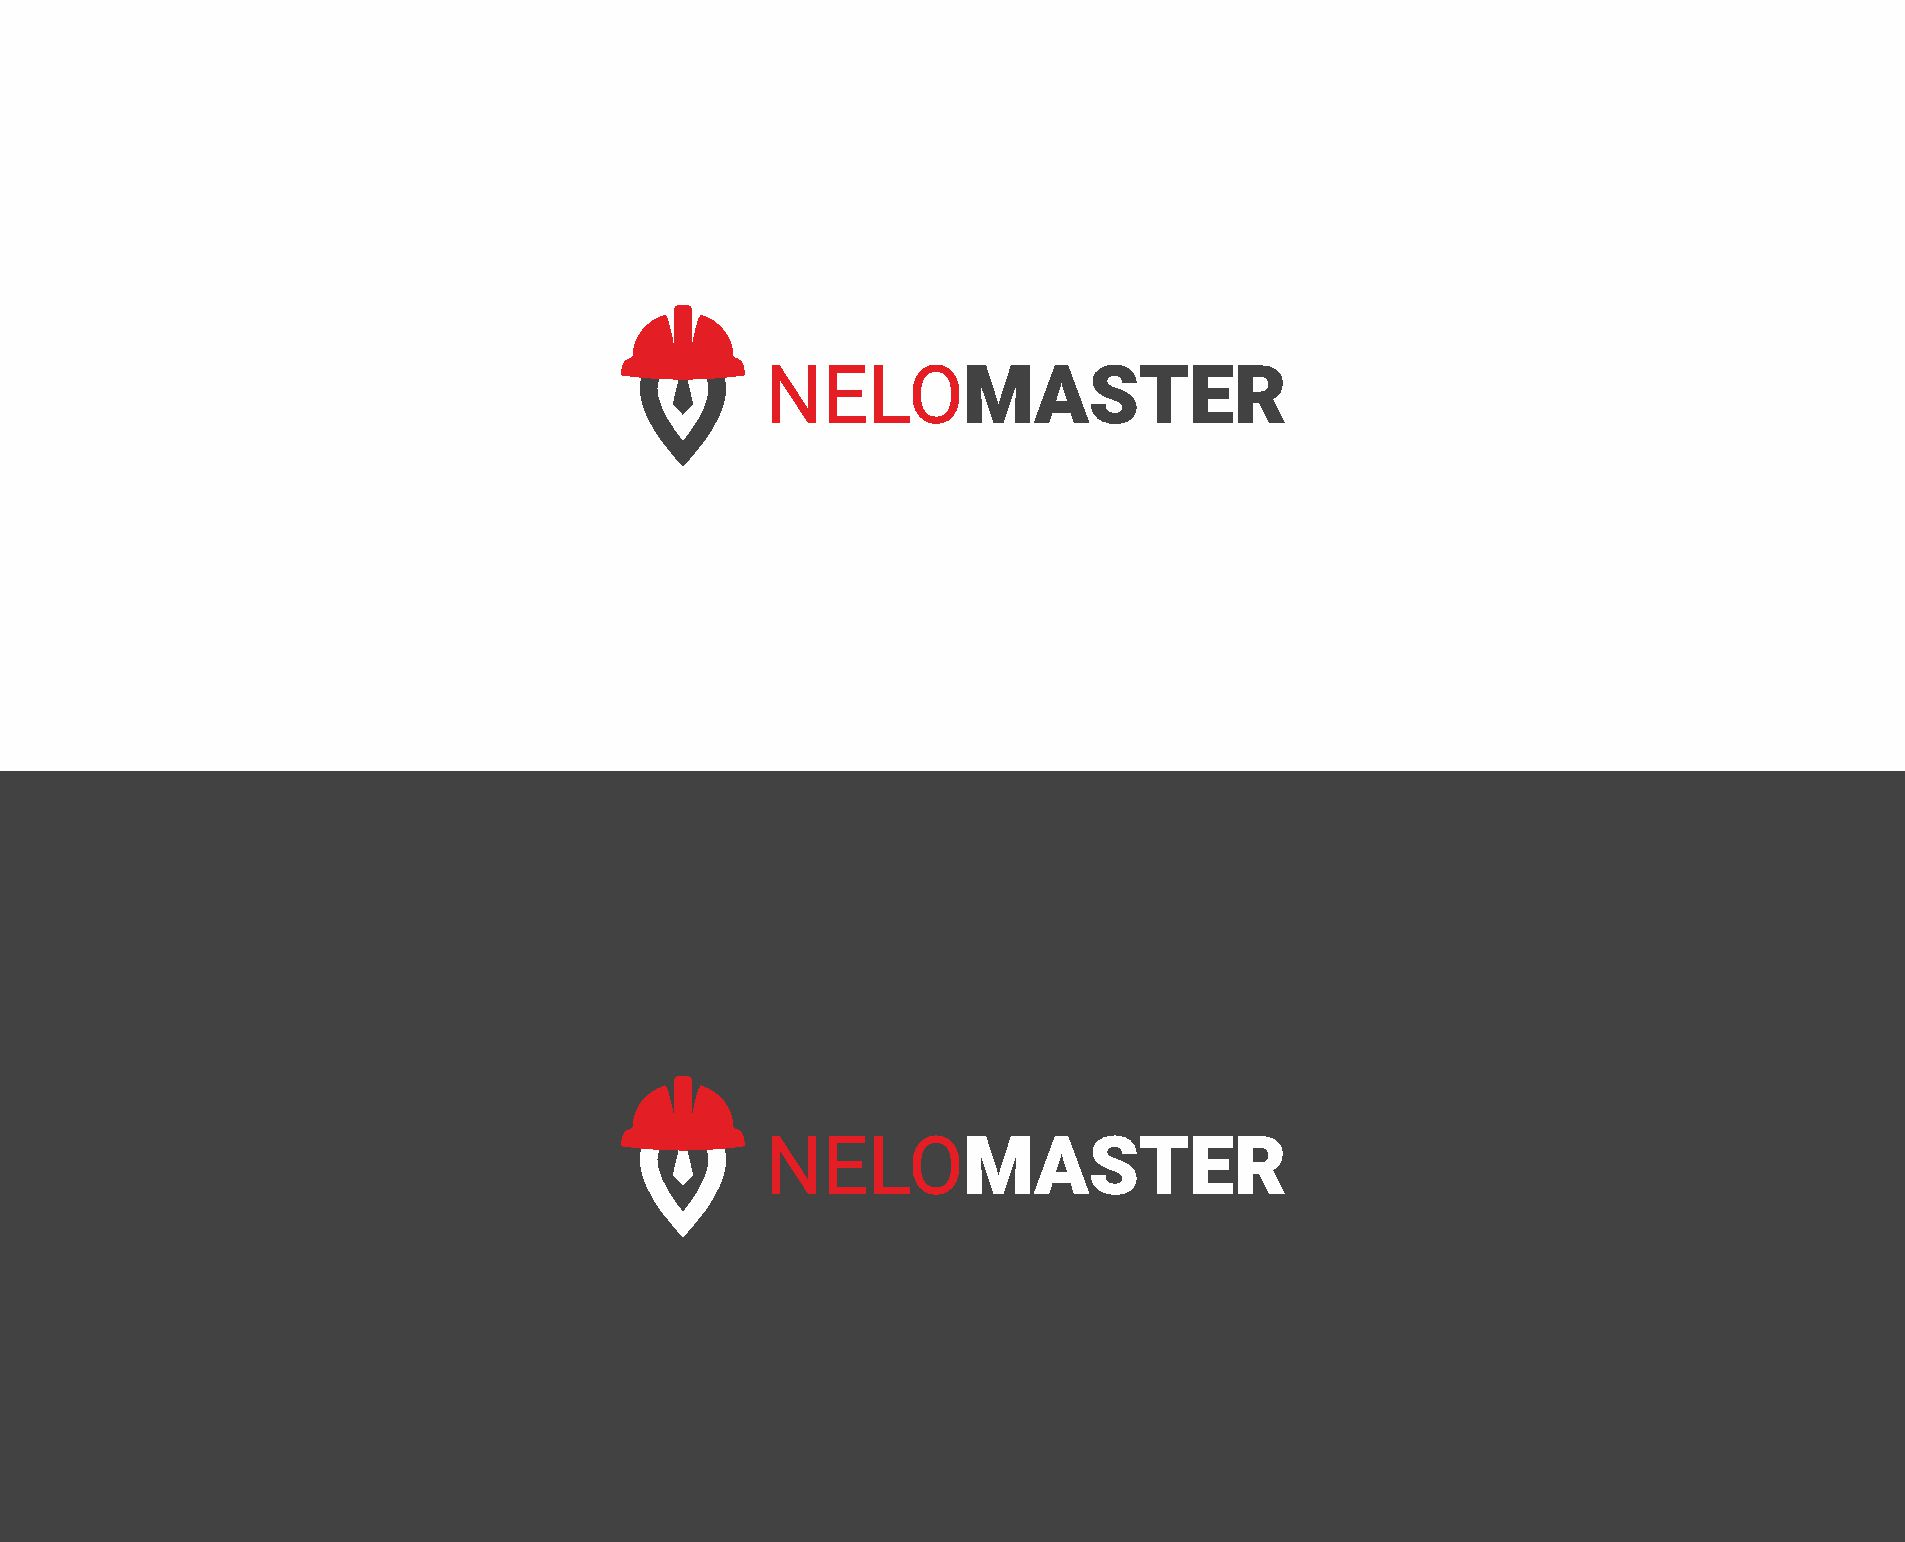 """Логотип сервиса """"Муж на час""""=""""Мужская помощь по дому"""" фото f_8795dc013c5a3aef.jpg"""